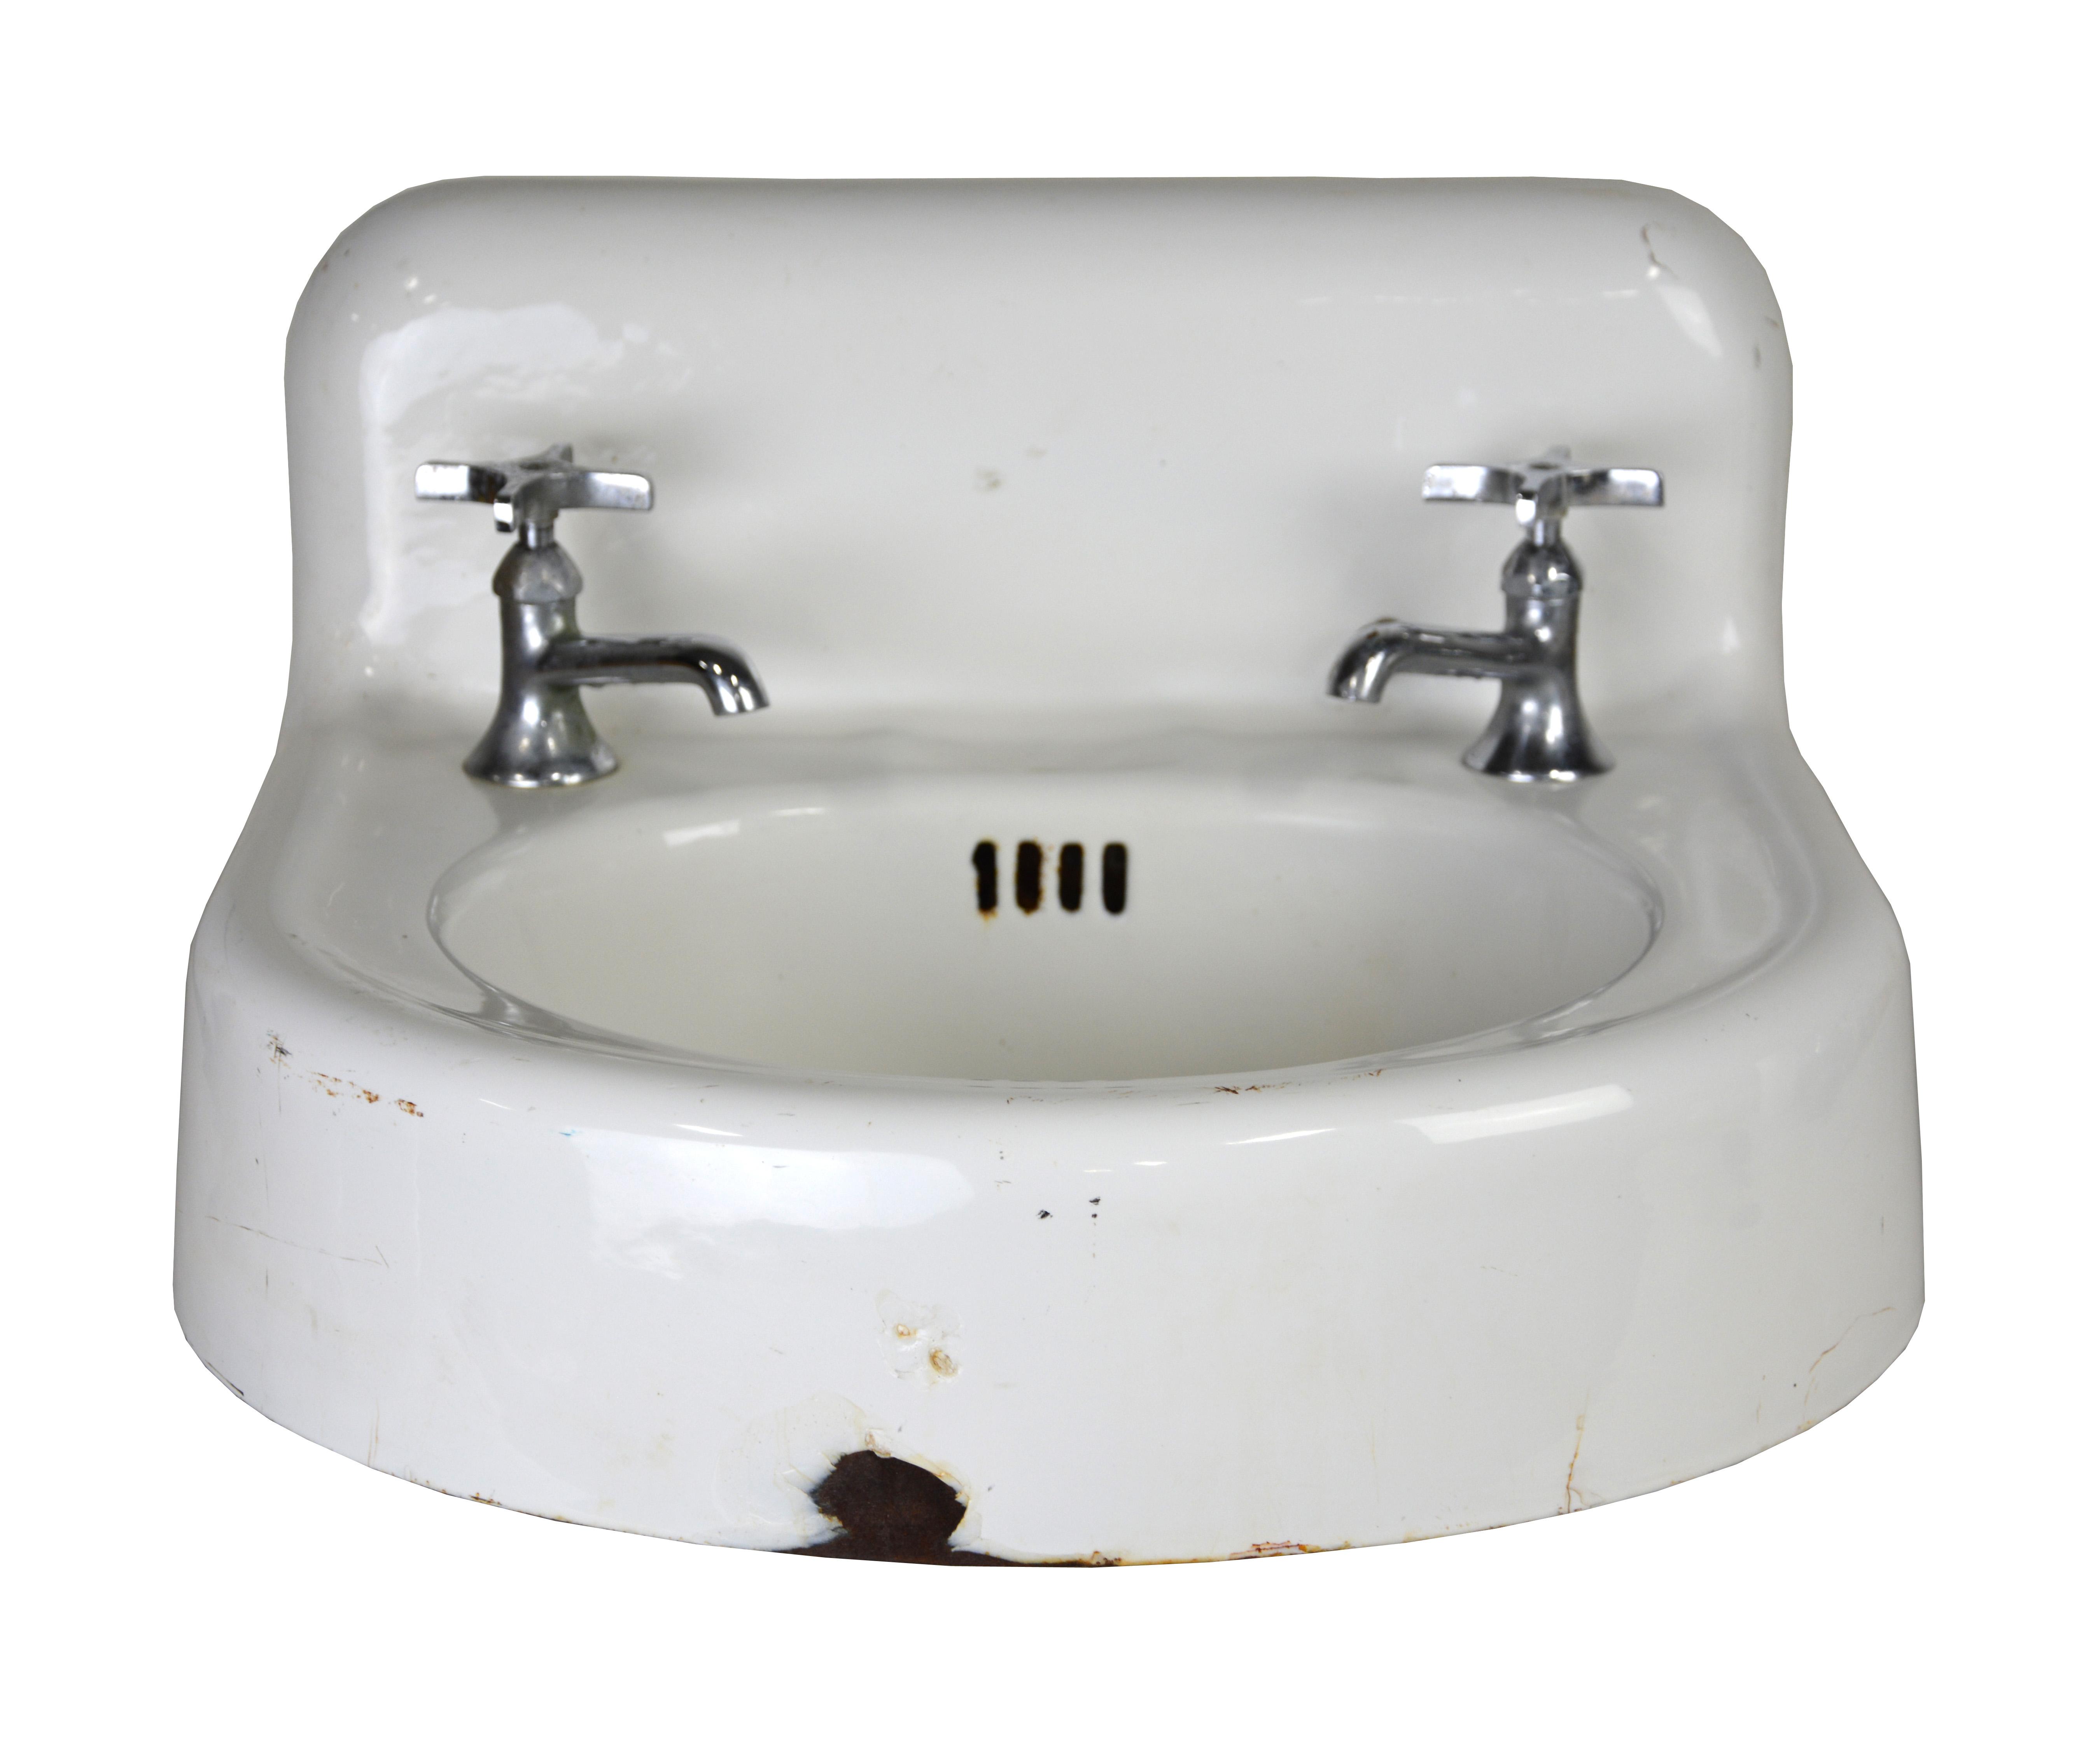 Kohler Vintage Cast Iron Enamel Sink For Sale